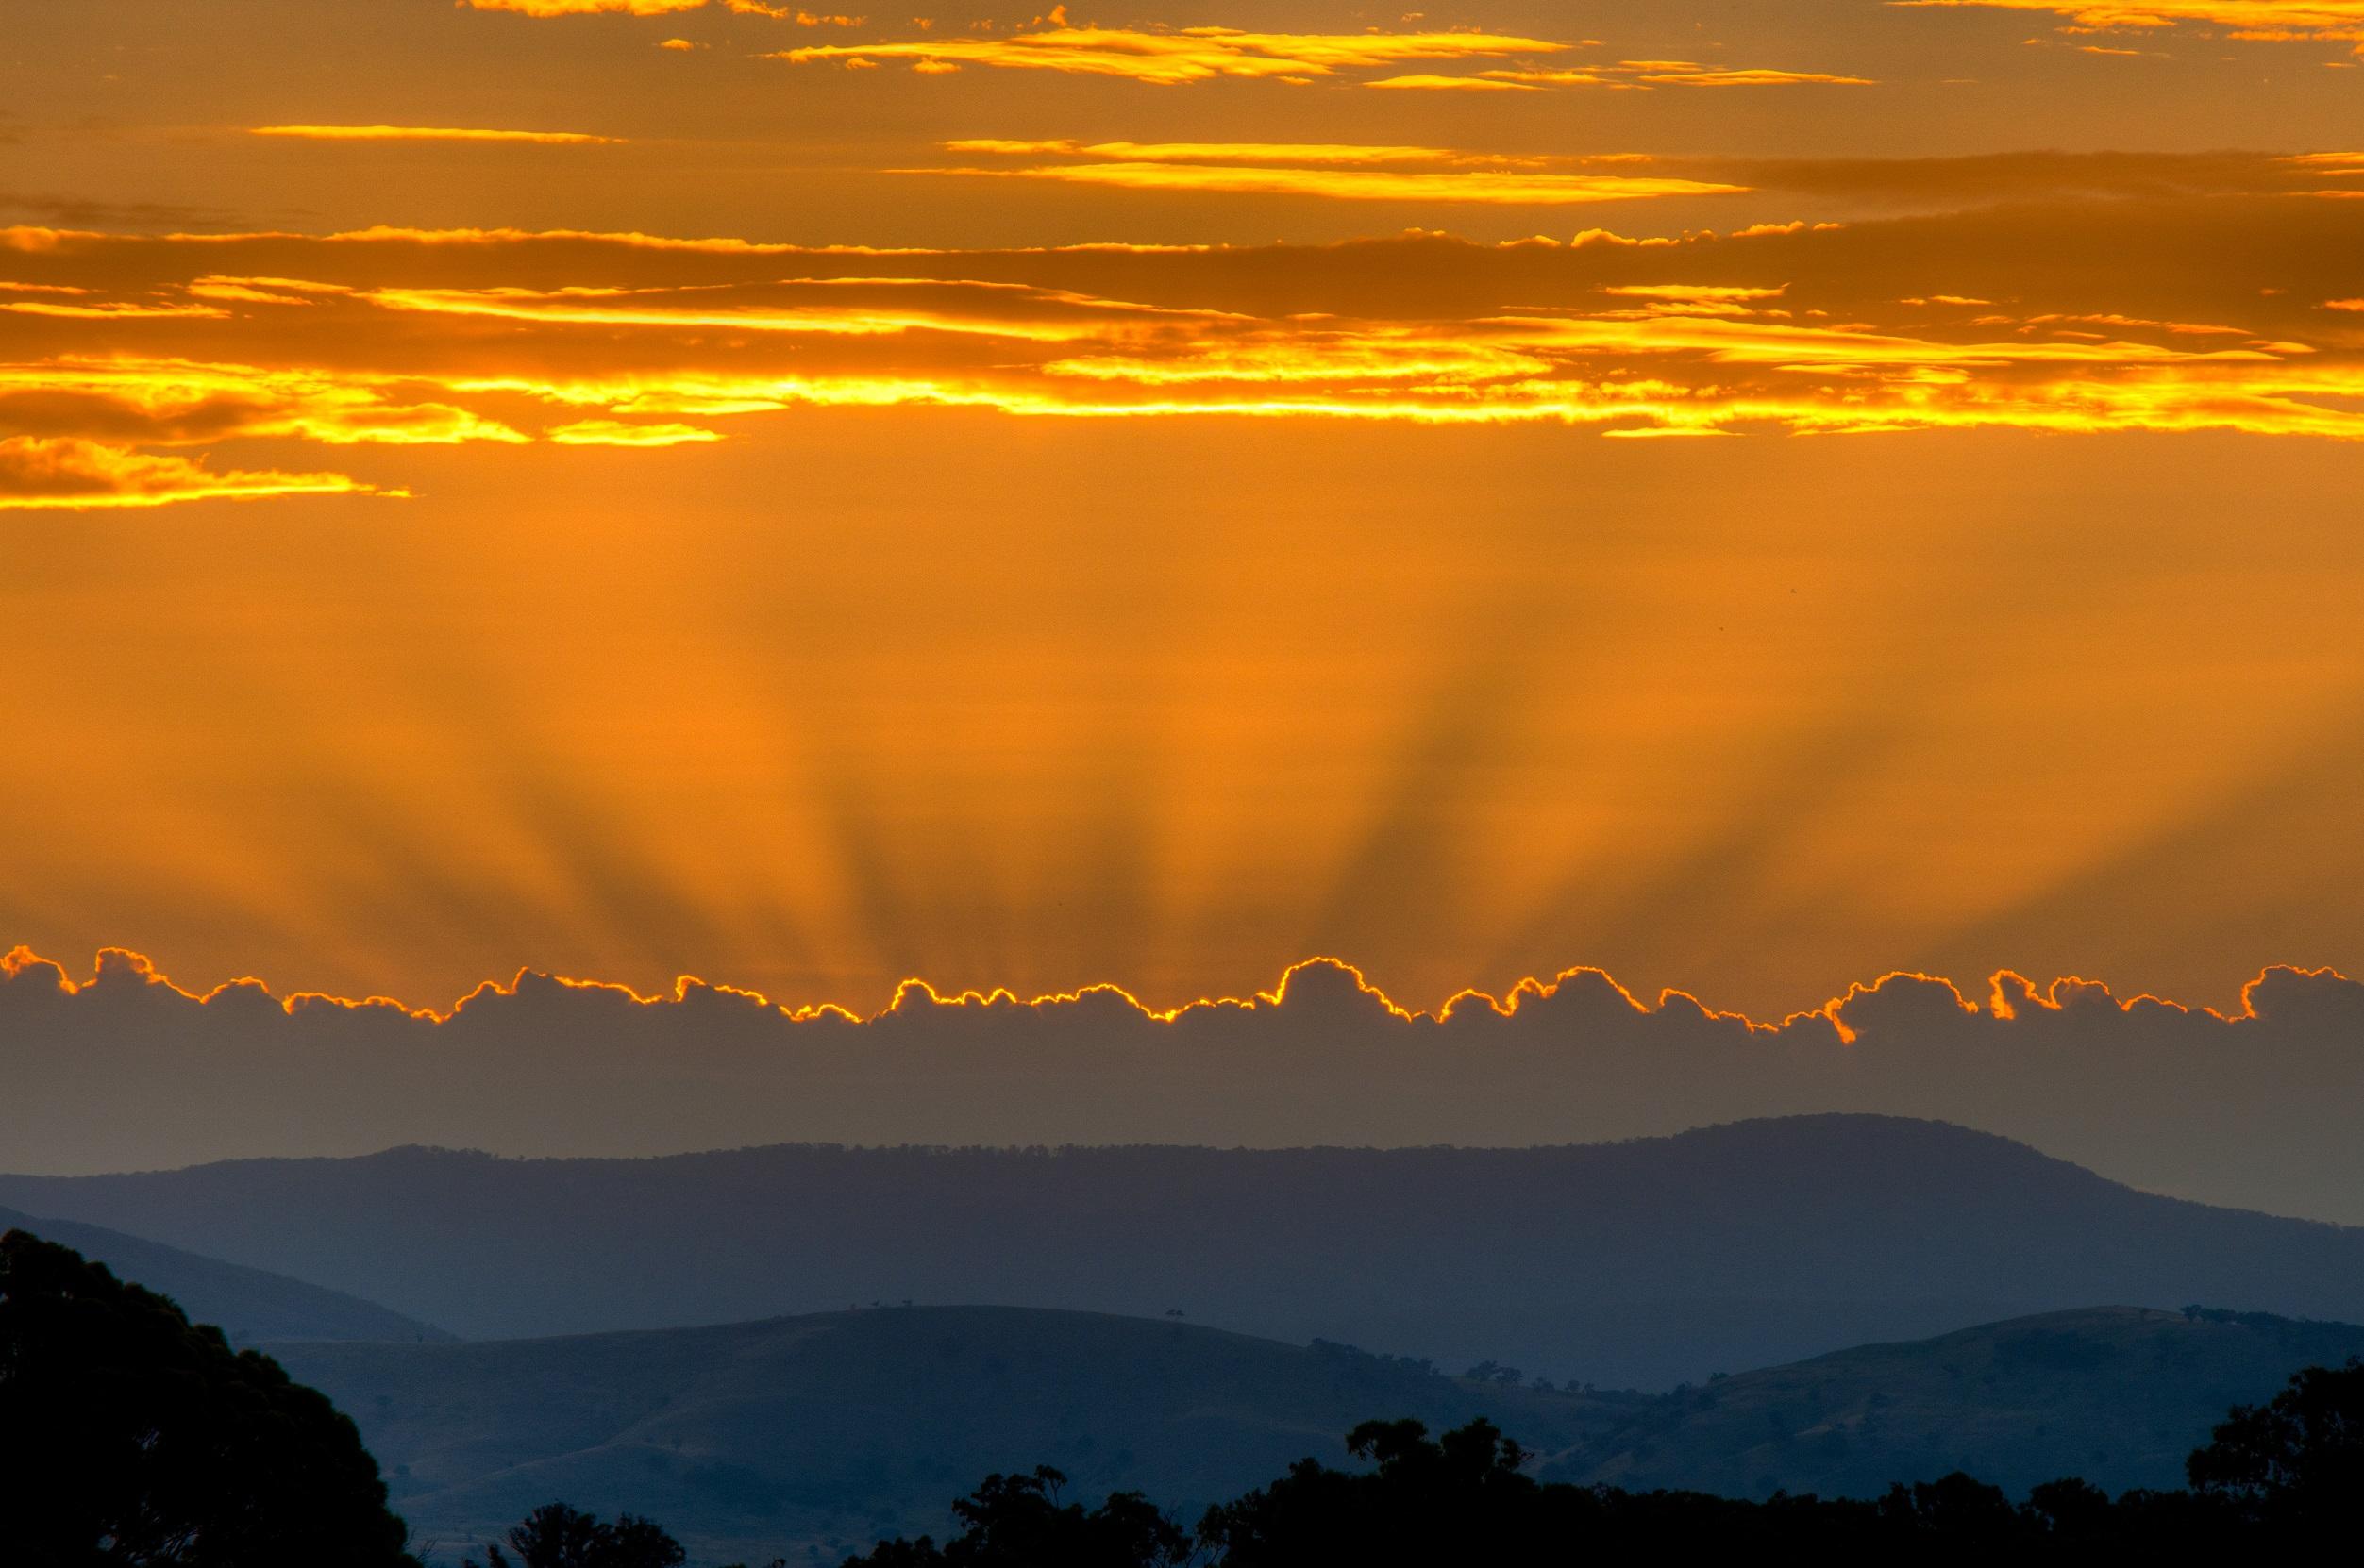 Sunset from Idyllic Hills Winery